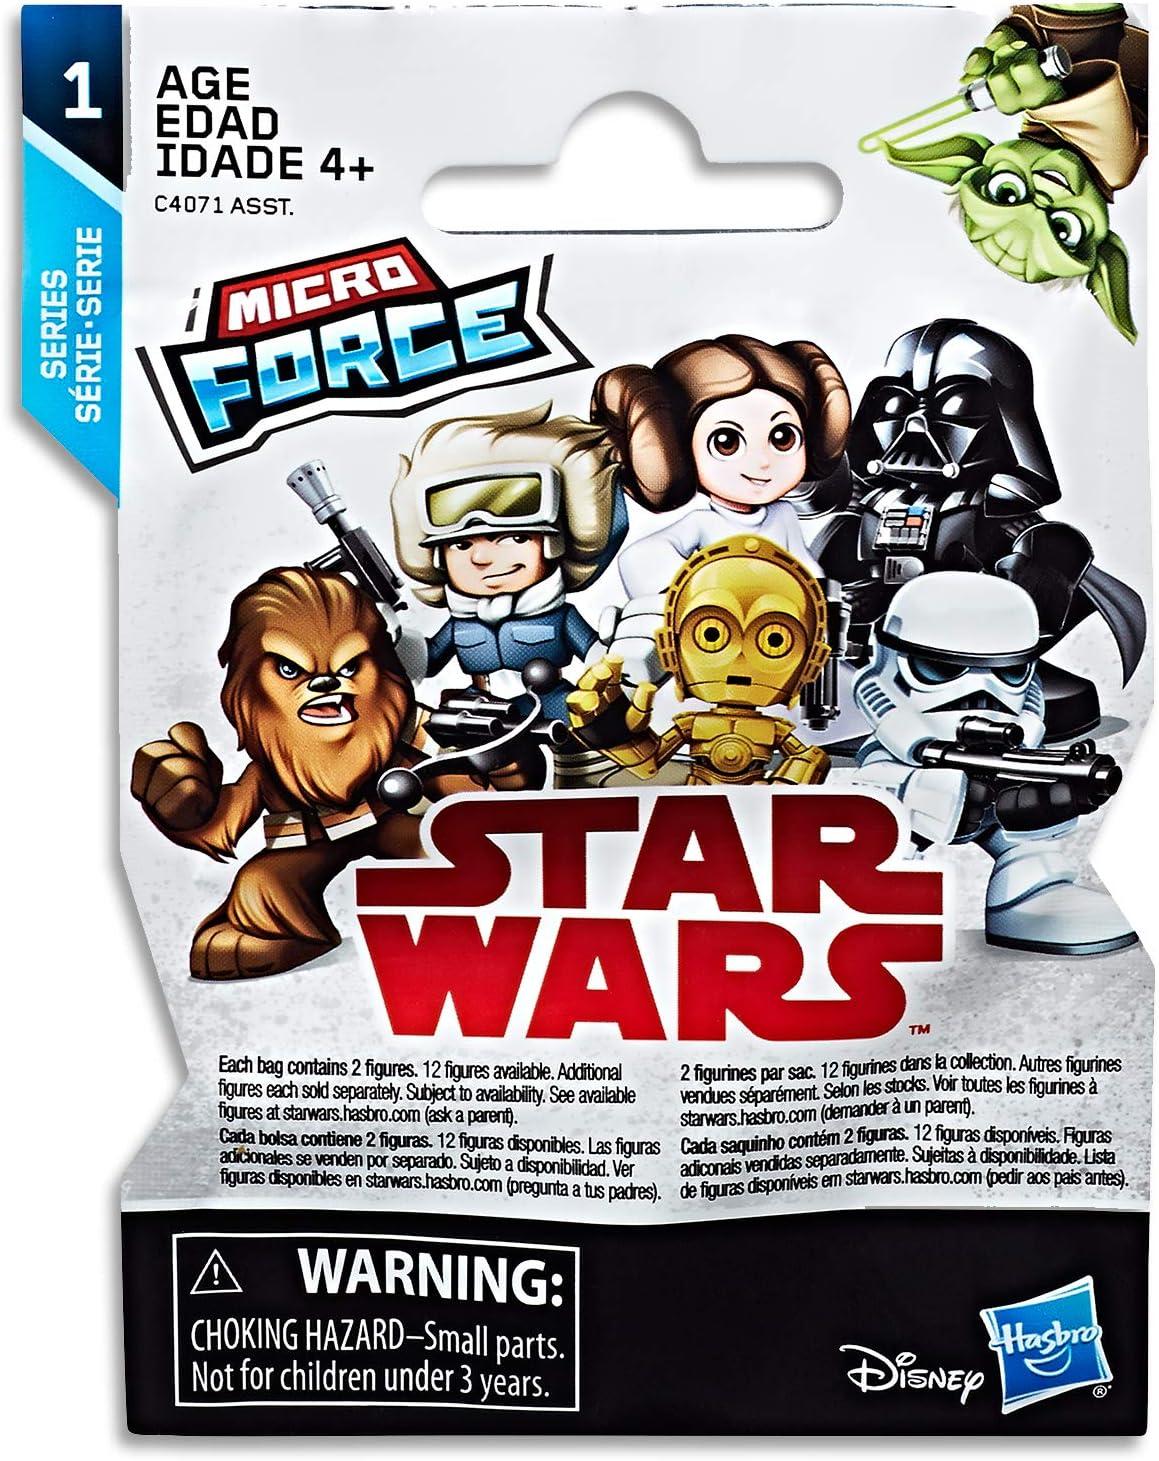 Series 6 Star Wars Micro Force Blind Bags